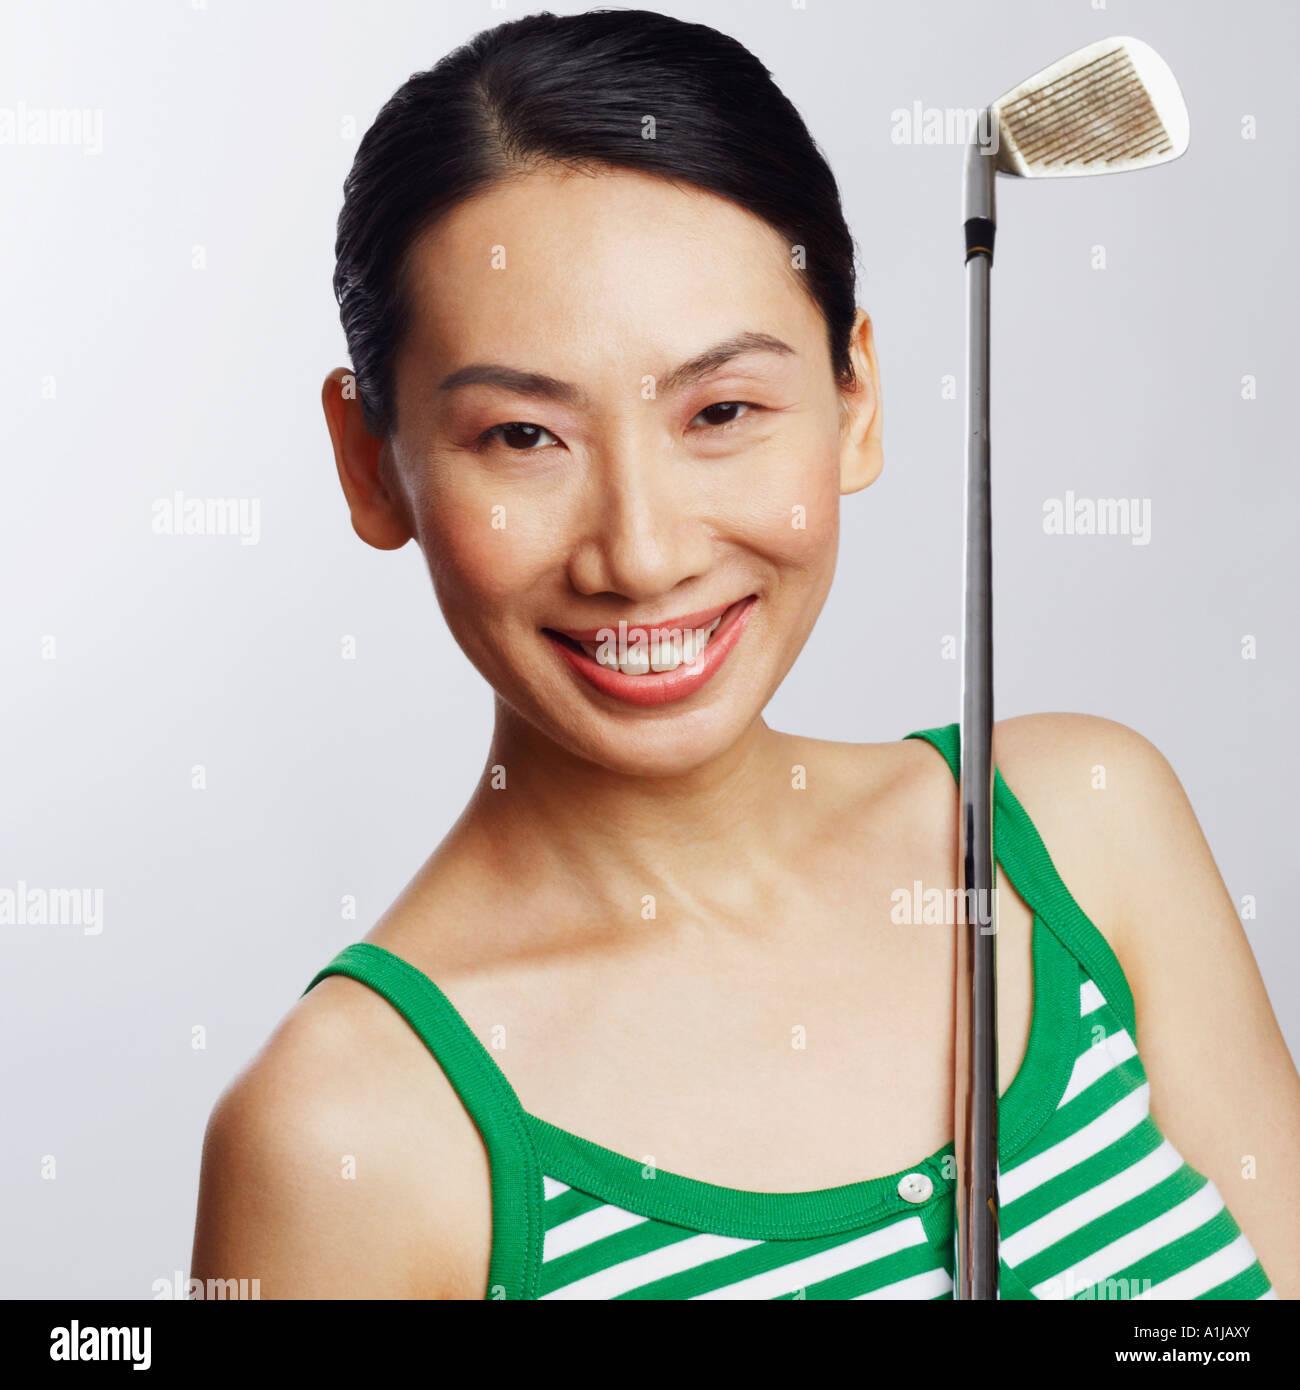 Porträt einer Mitte erwachsenen Frau hält einen Golfschläger und lächelnd Stockbild